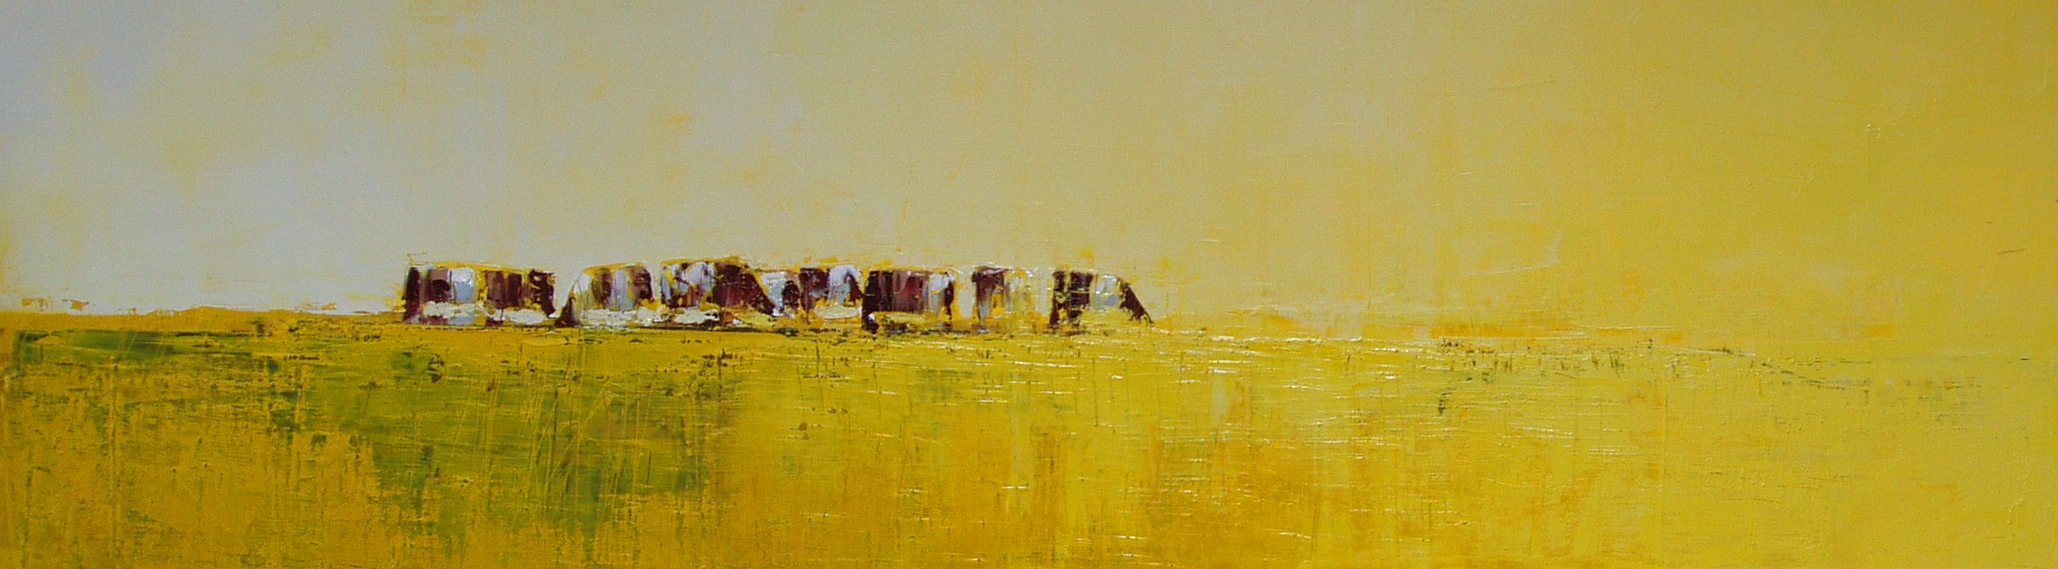 P57_vaches dans le jauneII.jpg